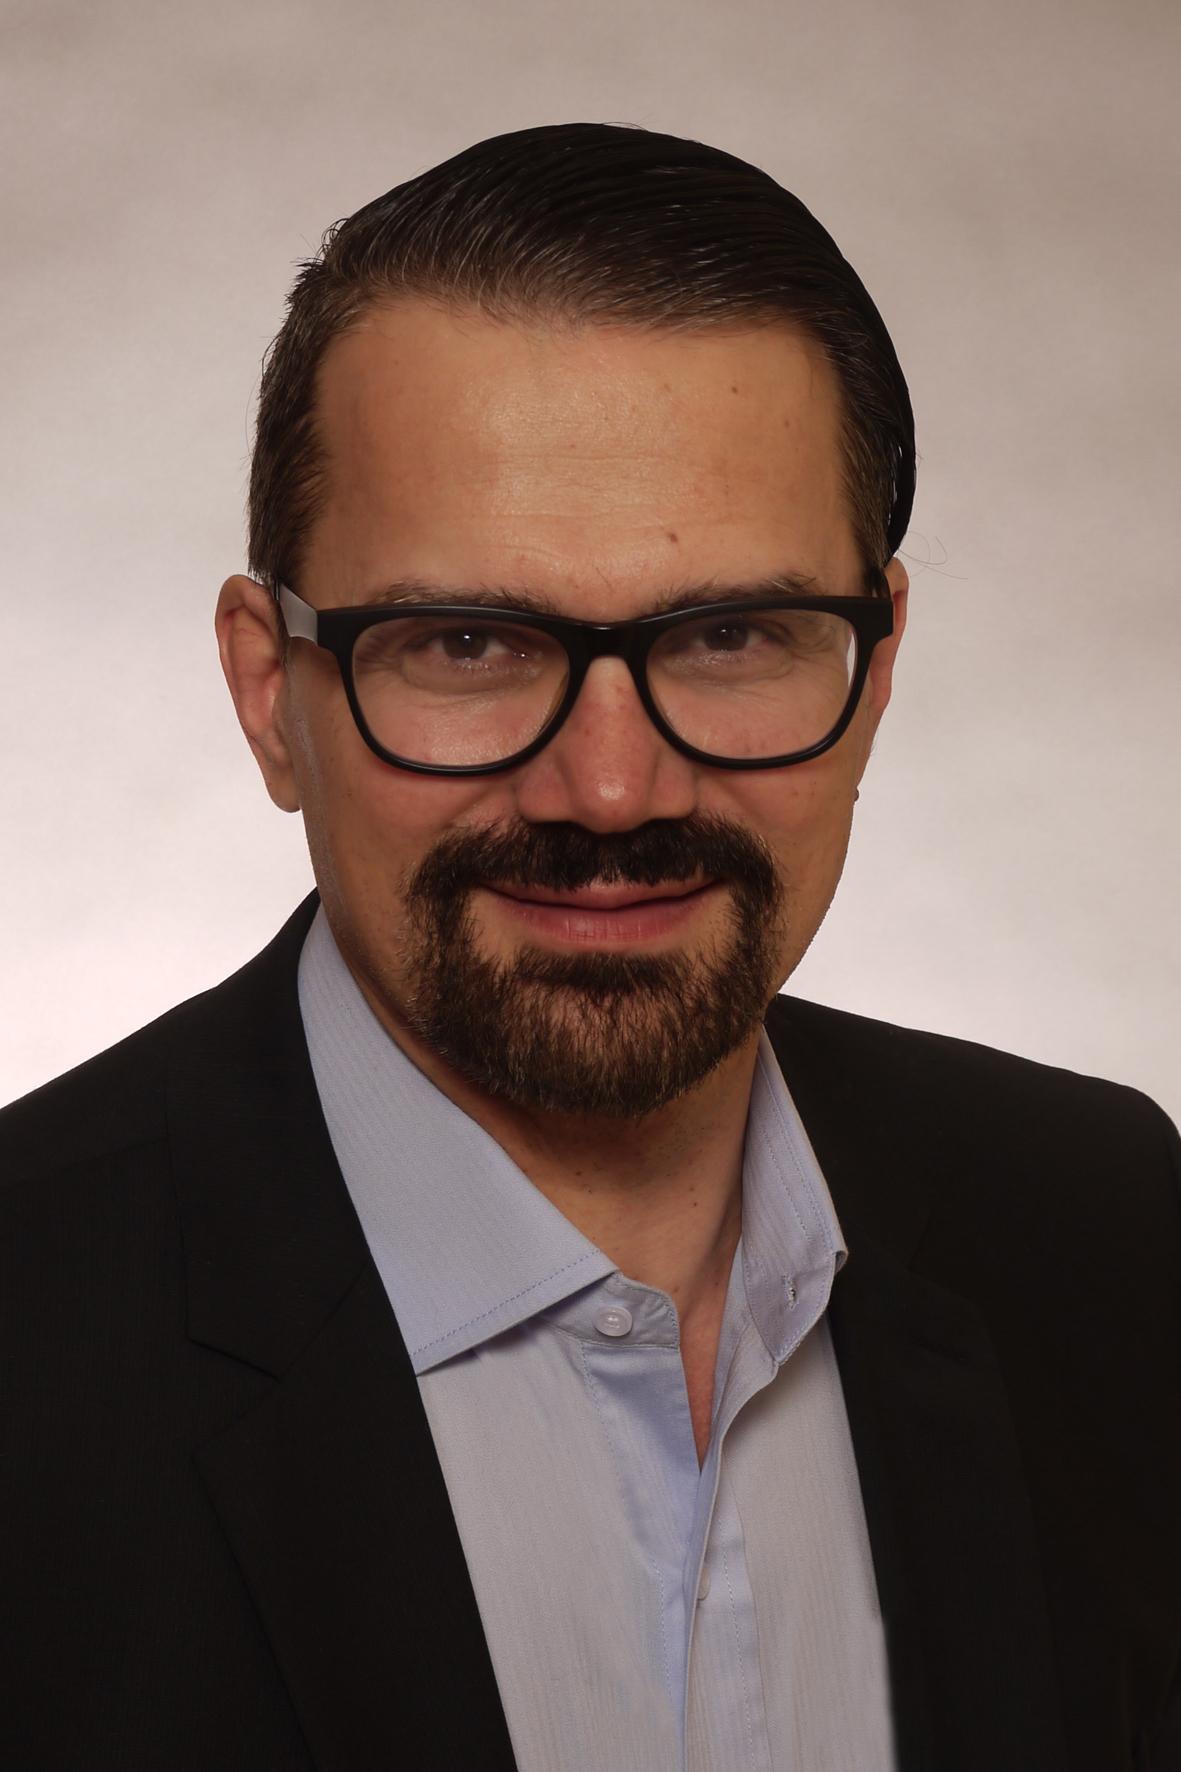 André Hübler